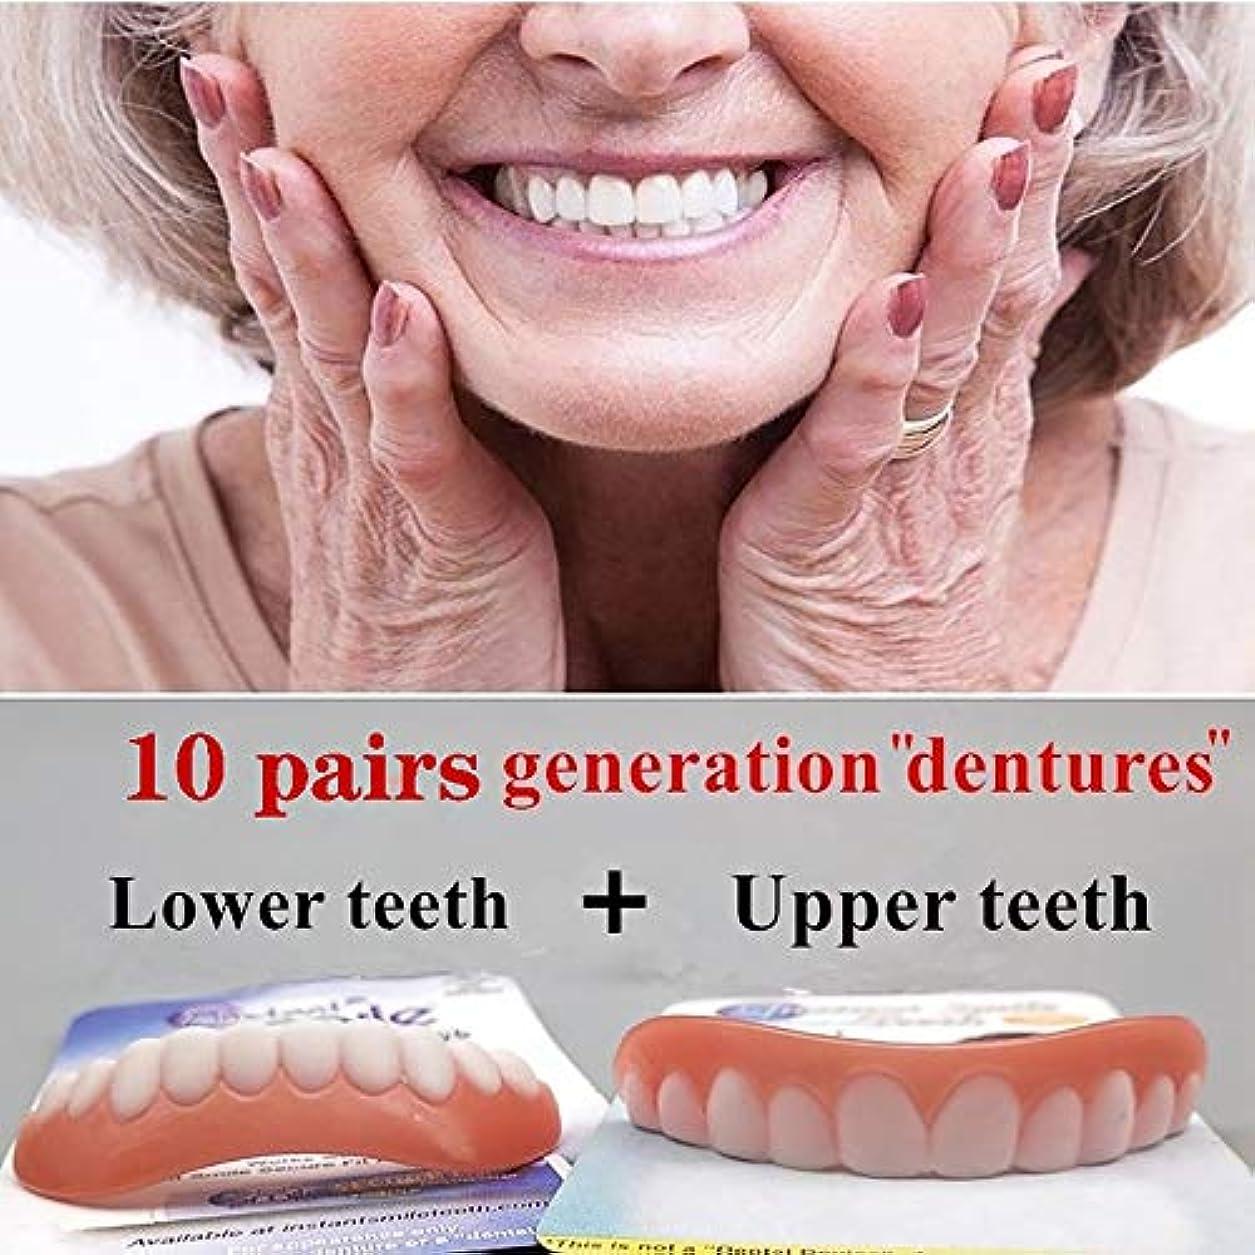 散歩に行くフィードオン廃棄20個の歯の快適さフィットフレックス化粧品の歯義歯の歯のトップ化粧品のベニヤシミュレーションブレース新しい